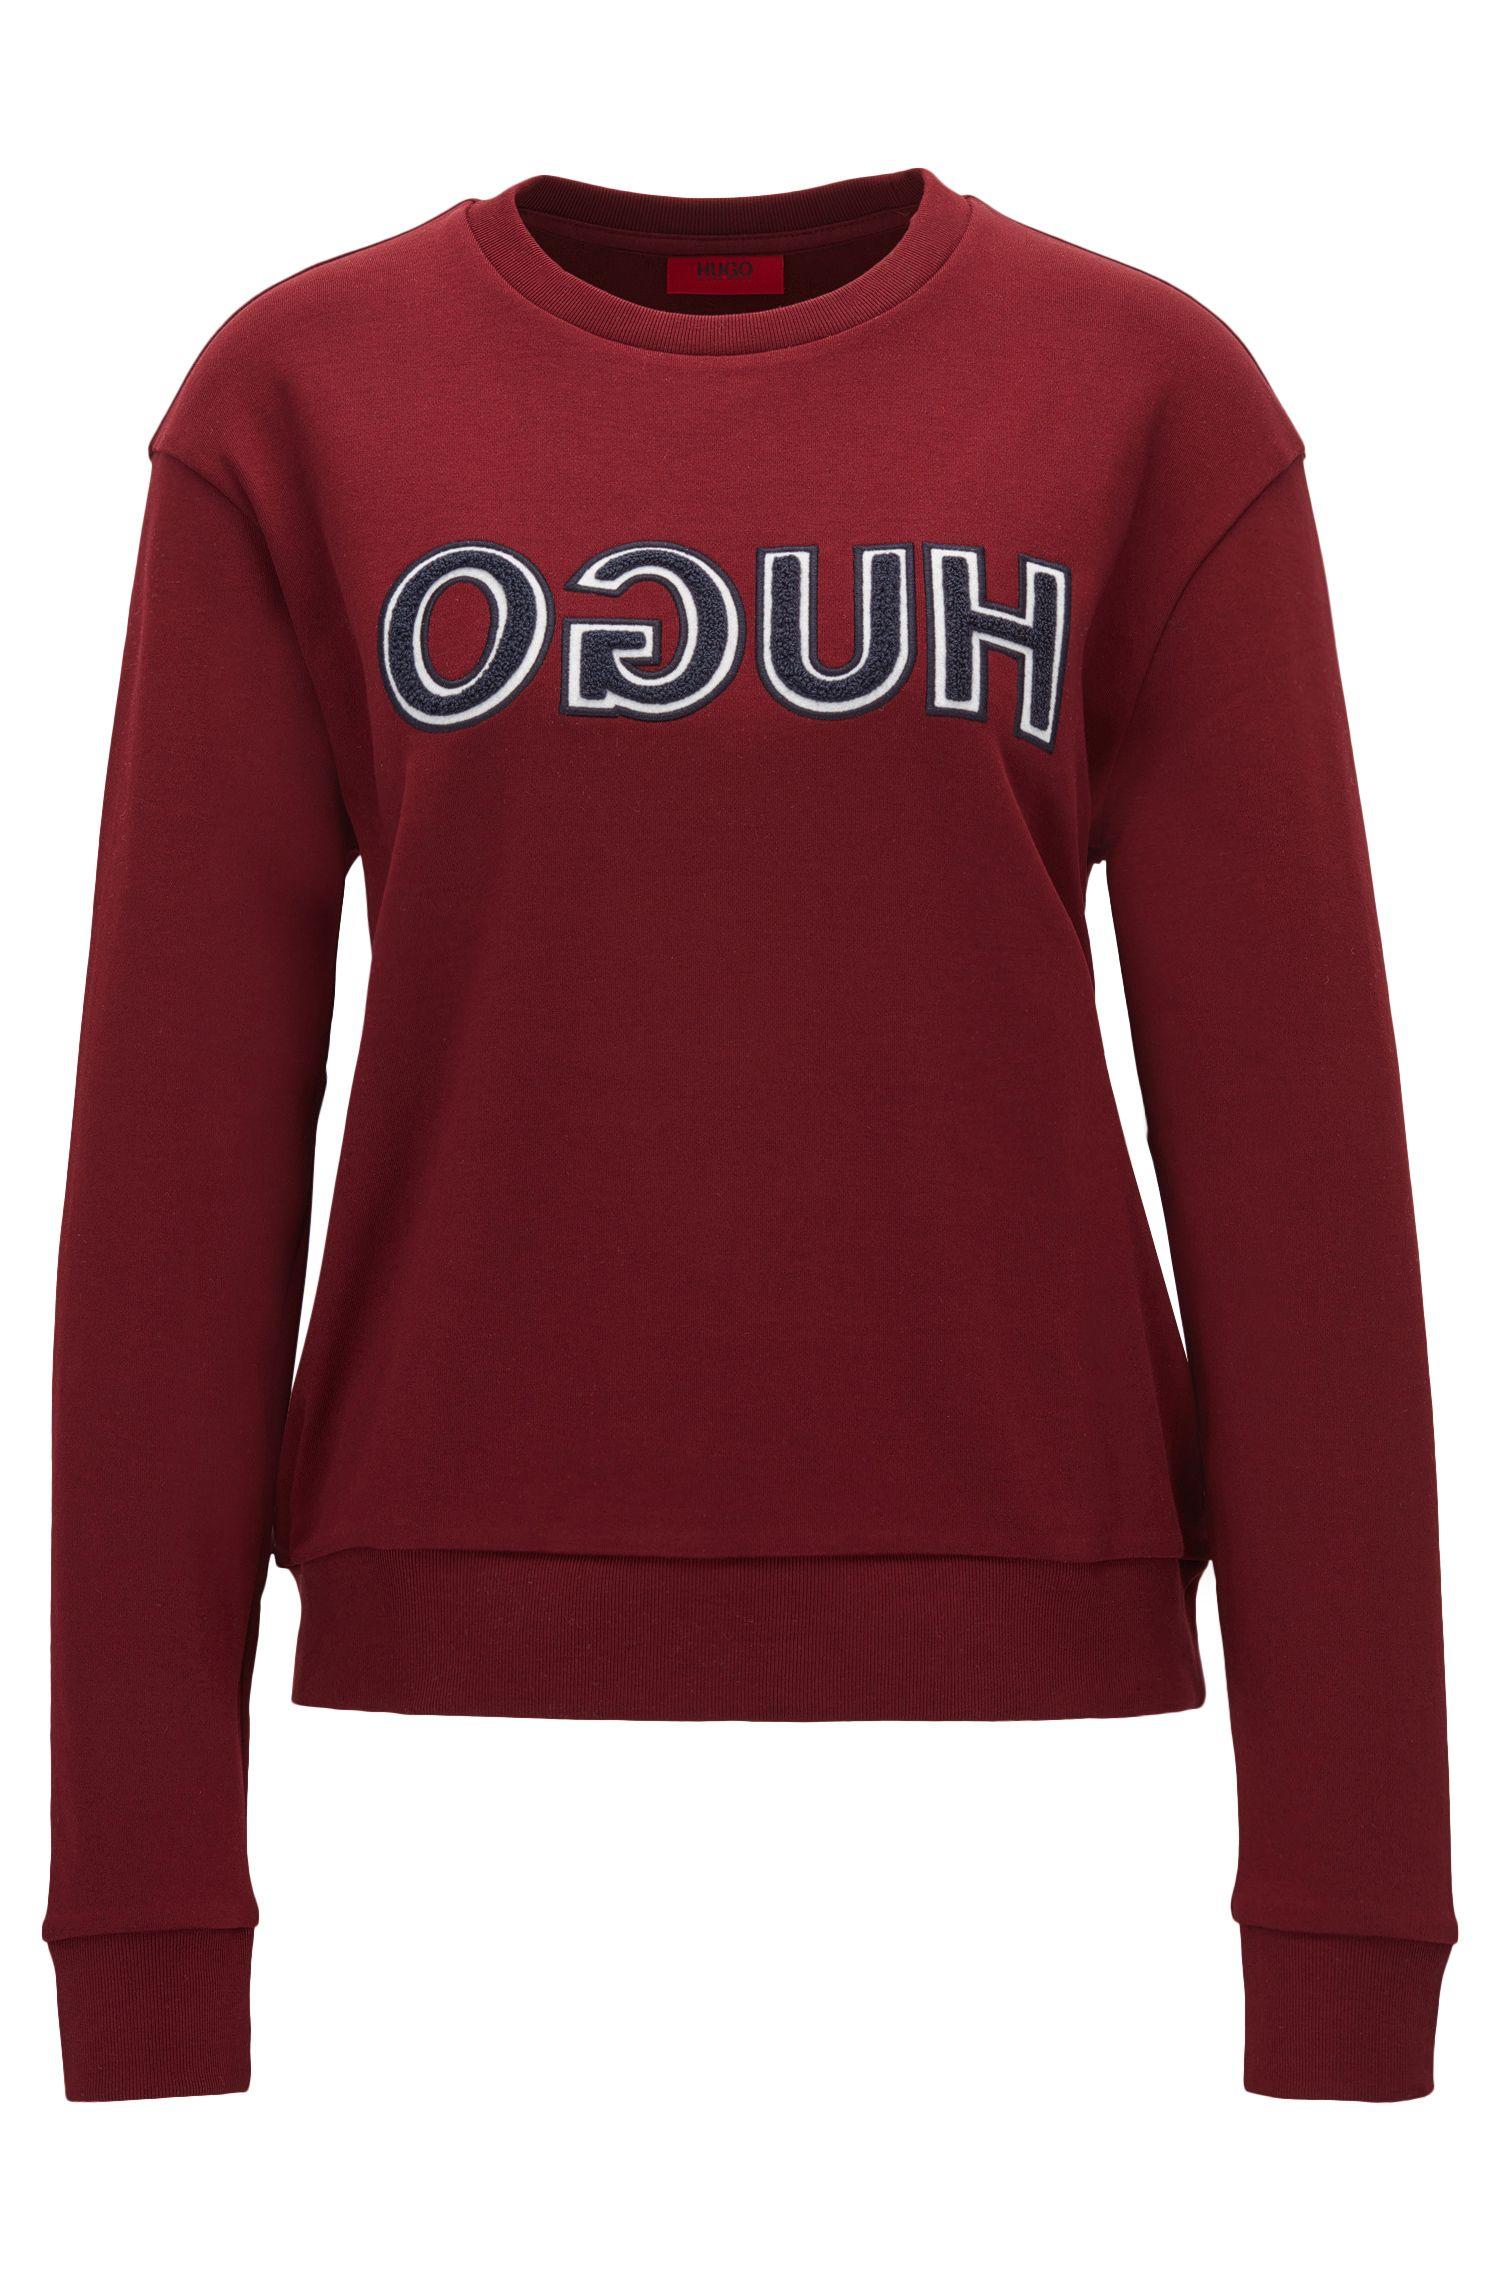 T-shirt manches longues en coton à logo inversé de style universitaire